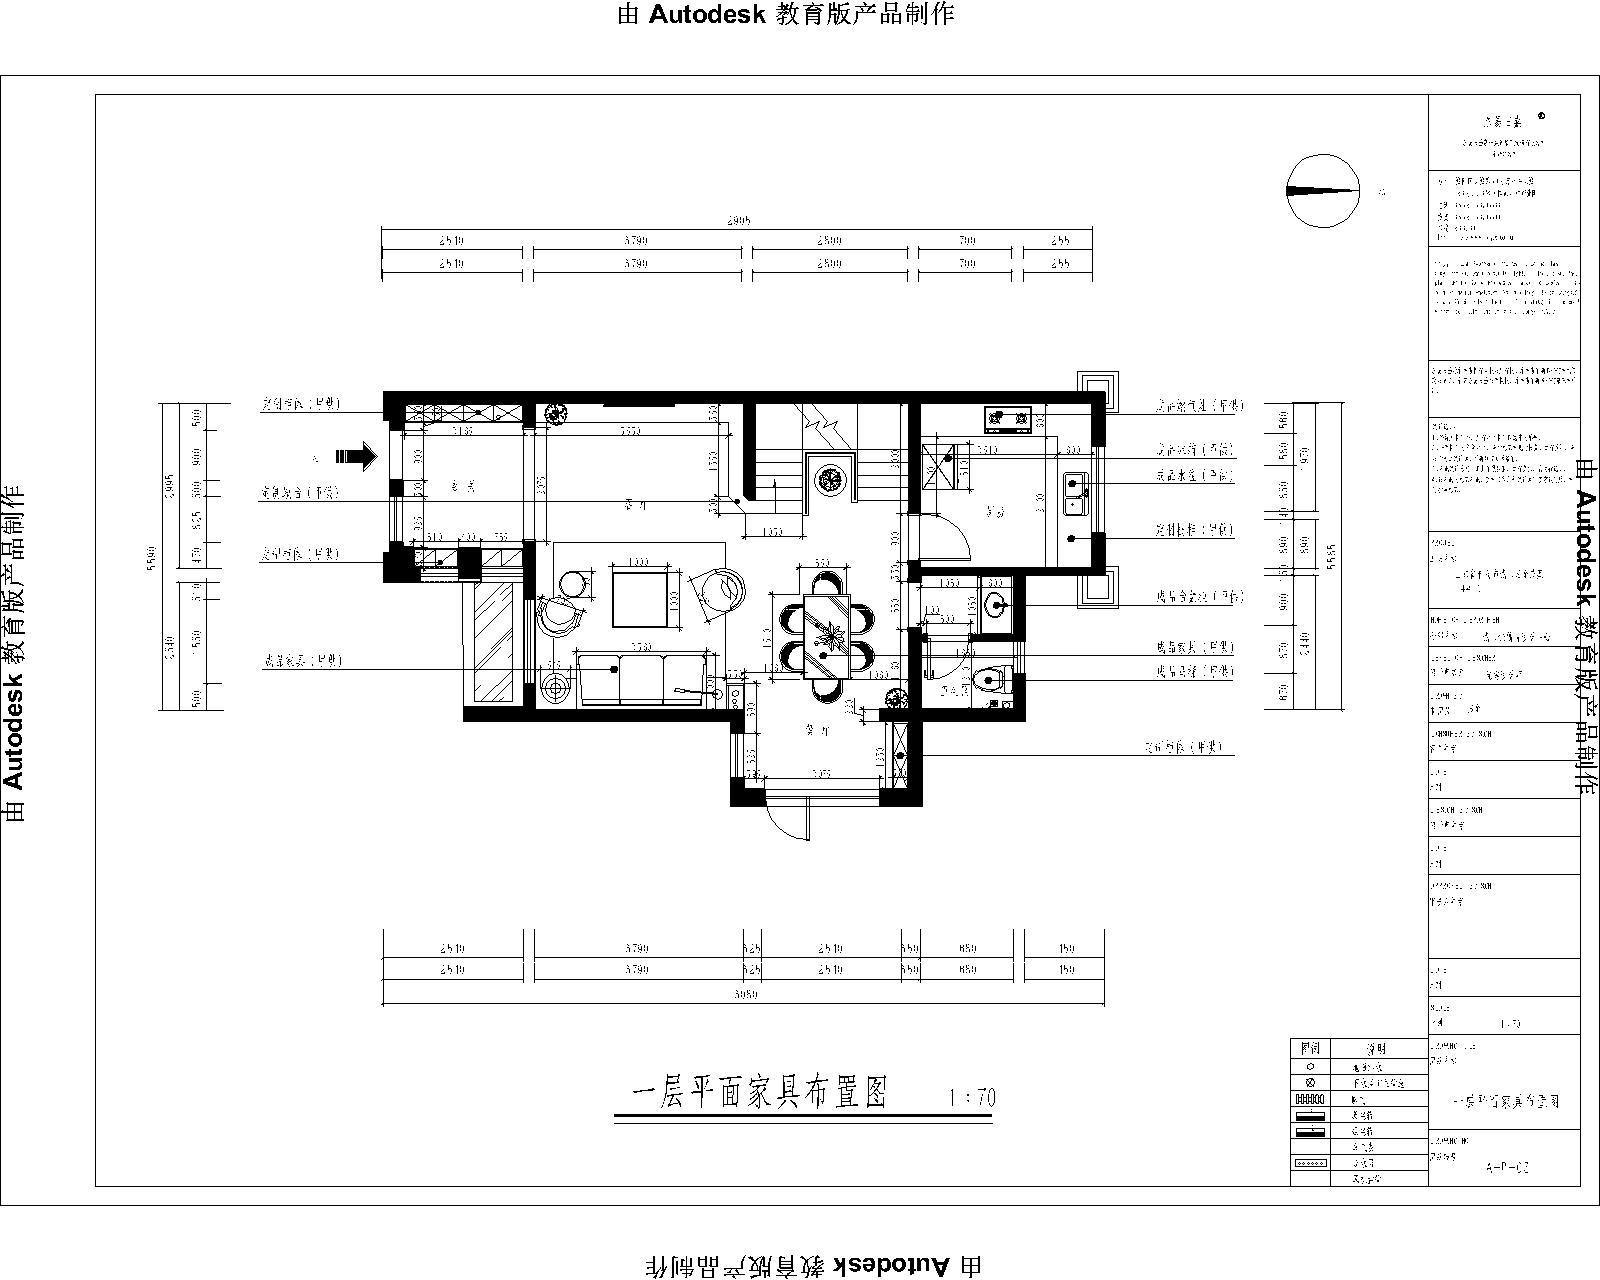 金茂墅 270m/2策划案例 现代风装潢成果图装潢策划愿景